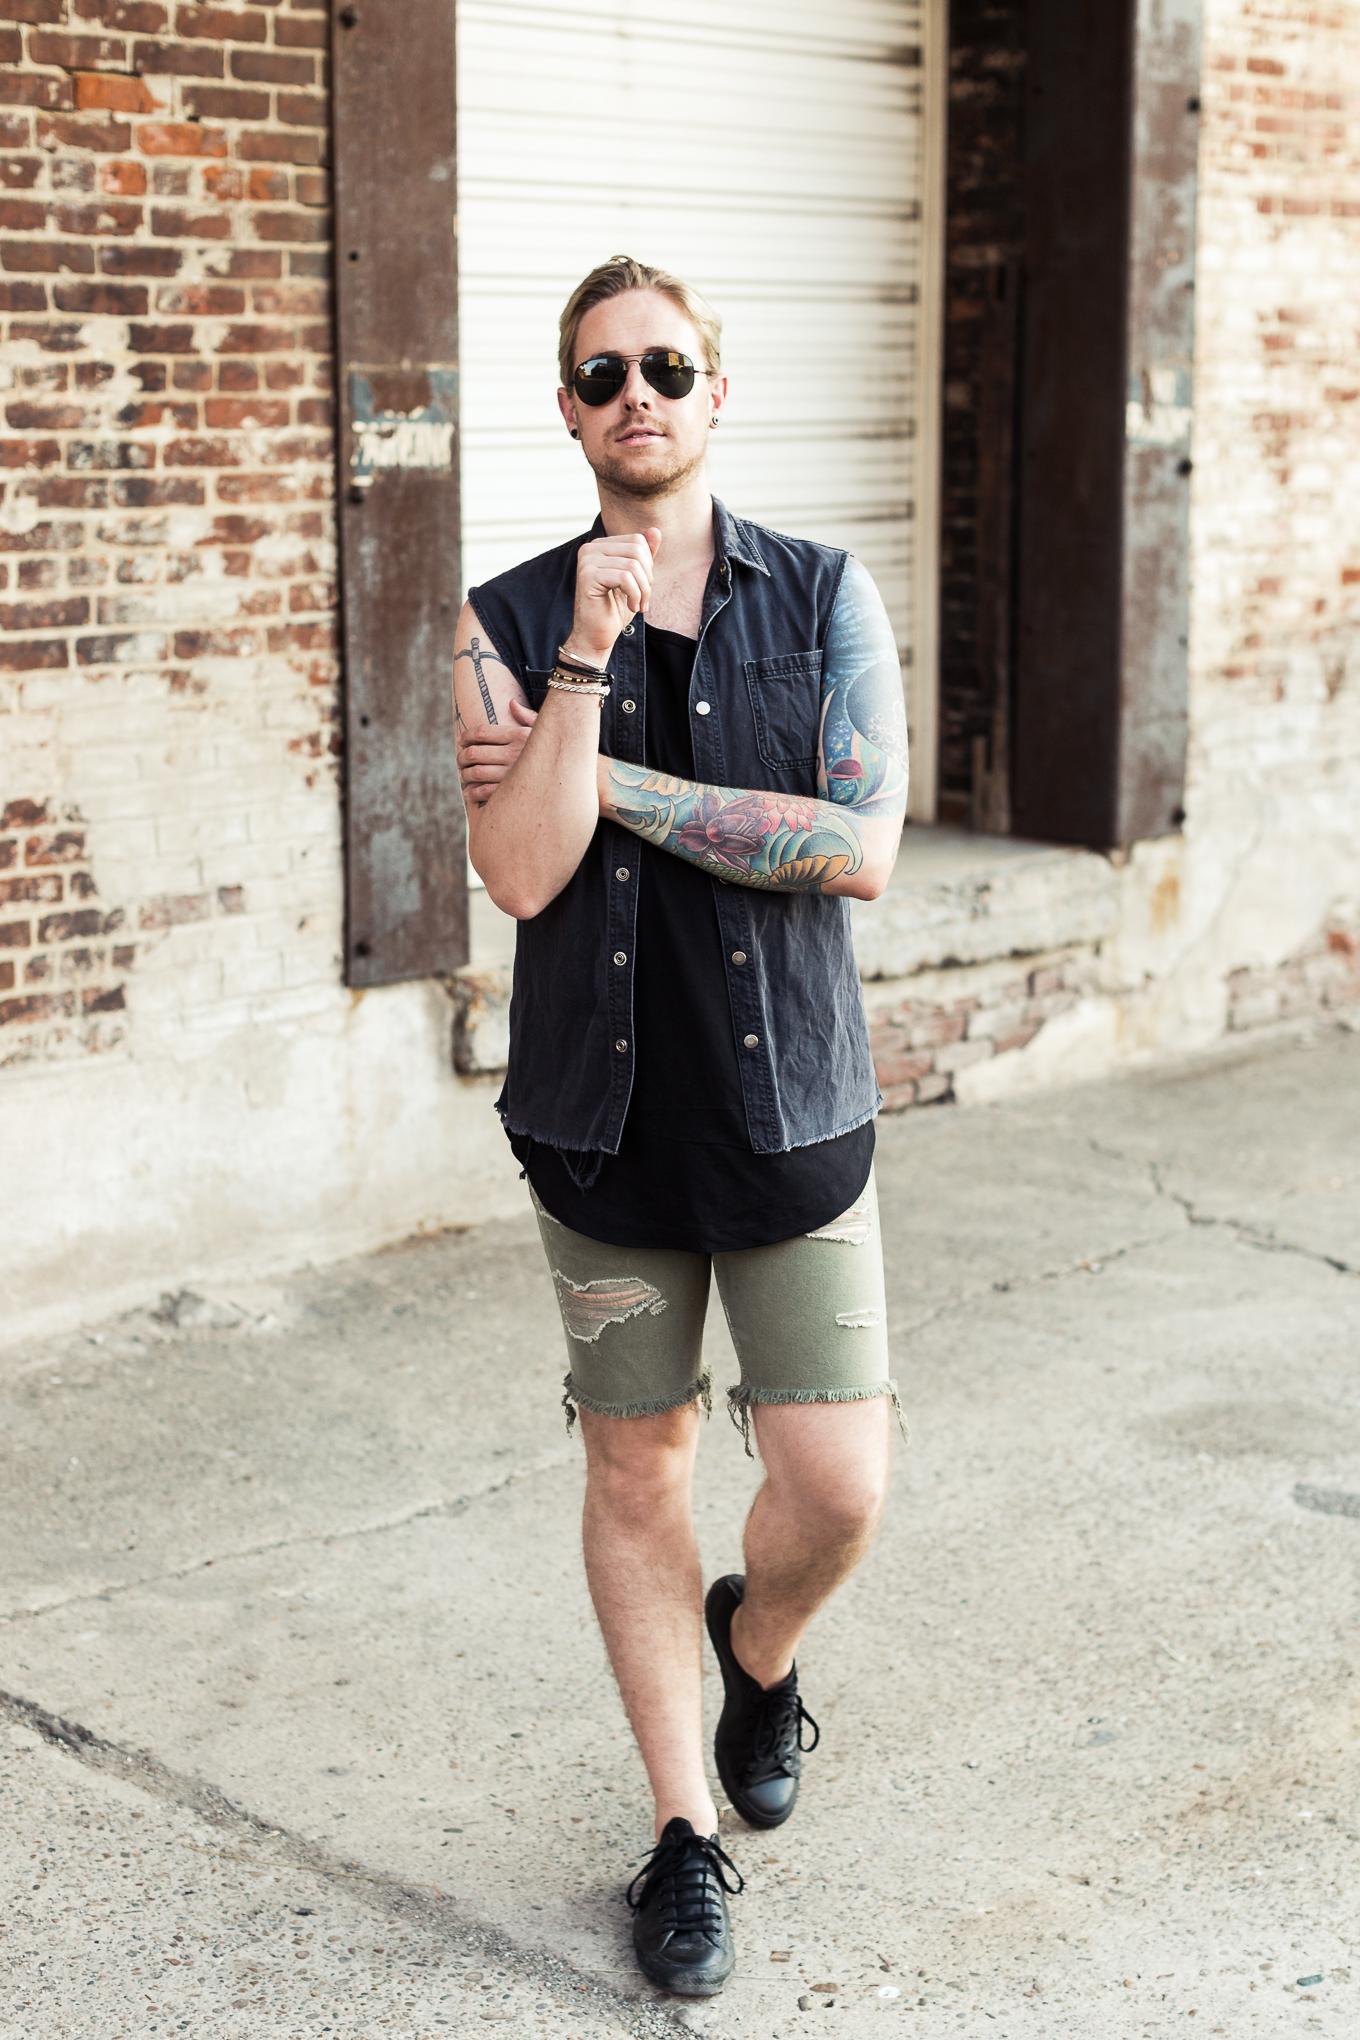 hm mens clothing, the kentucky gent, lifestyle blog, kentucky blogger, louisville kentucky